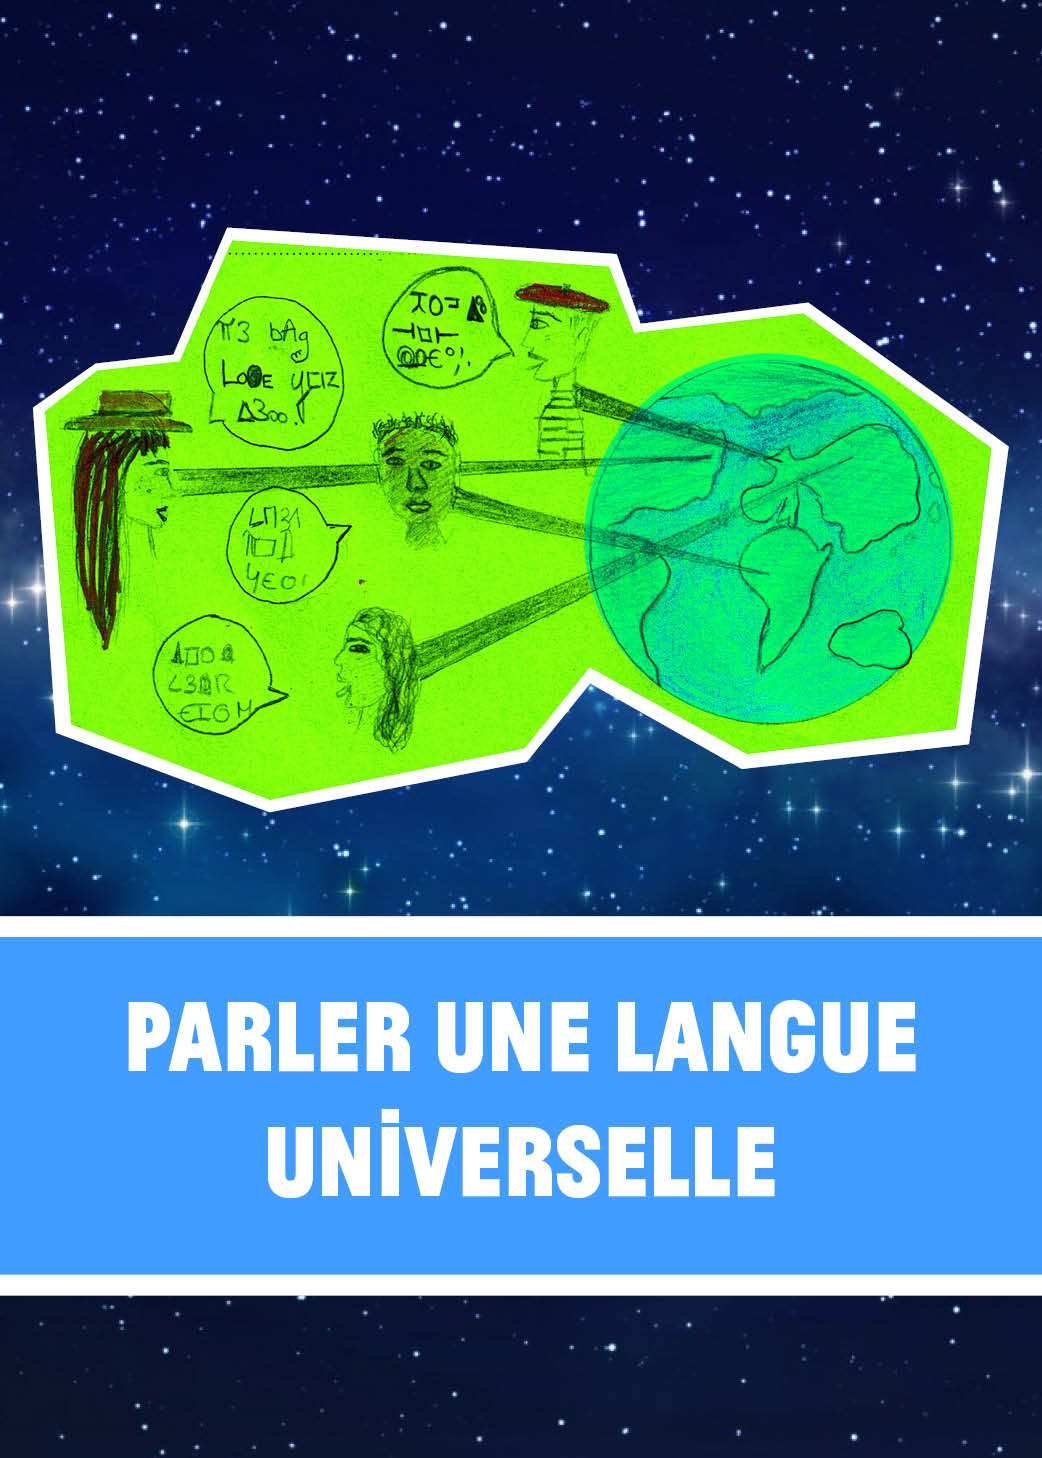 Parler une langue universelle